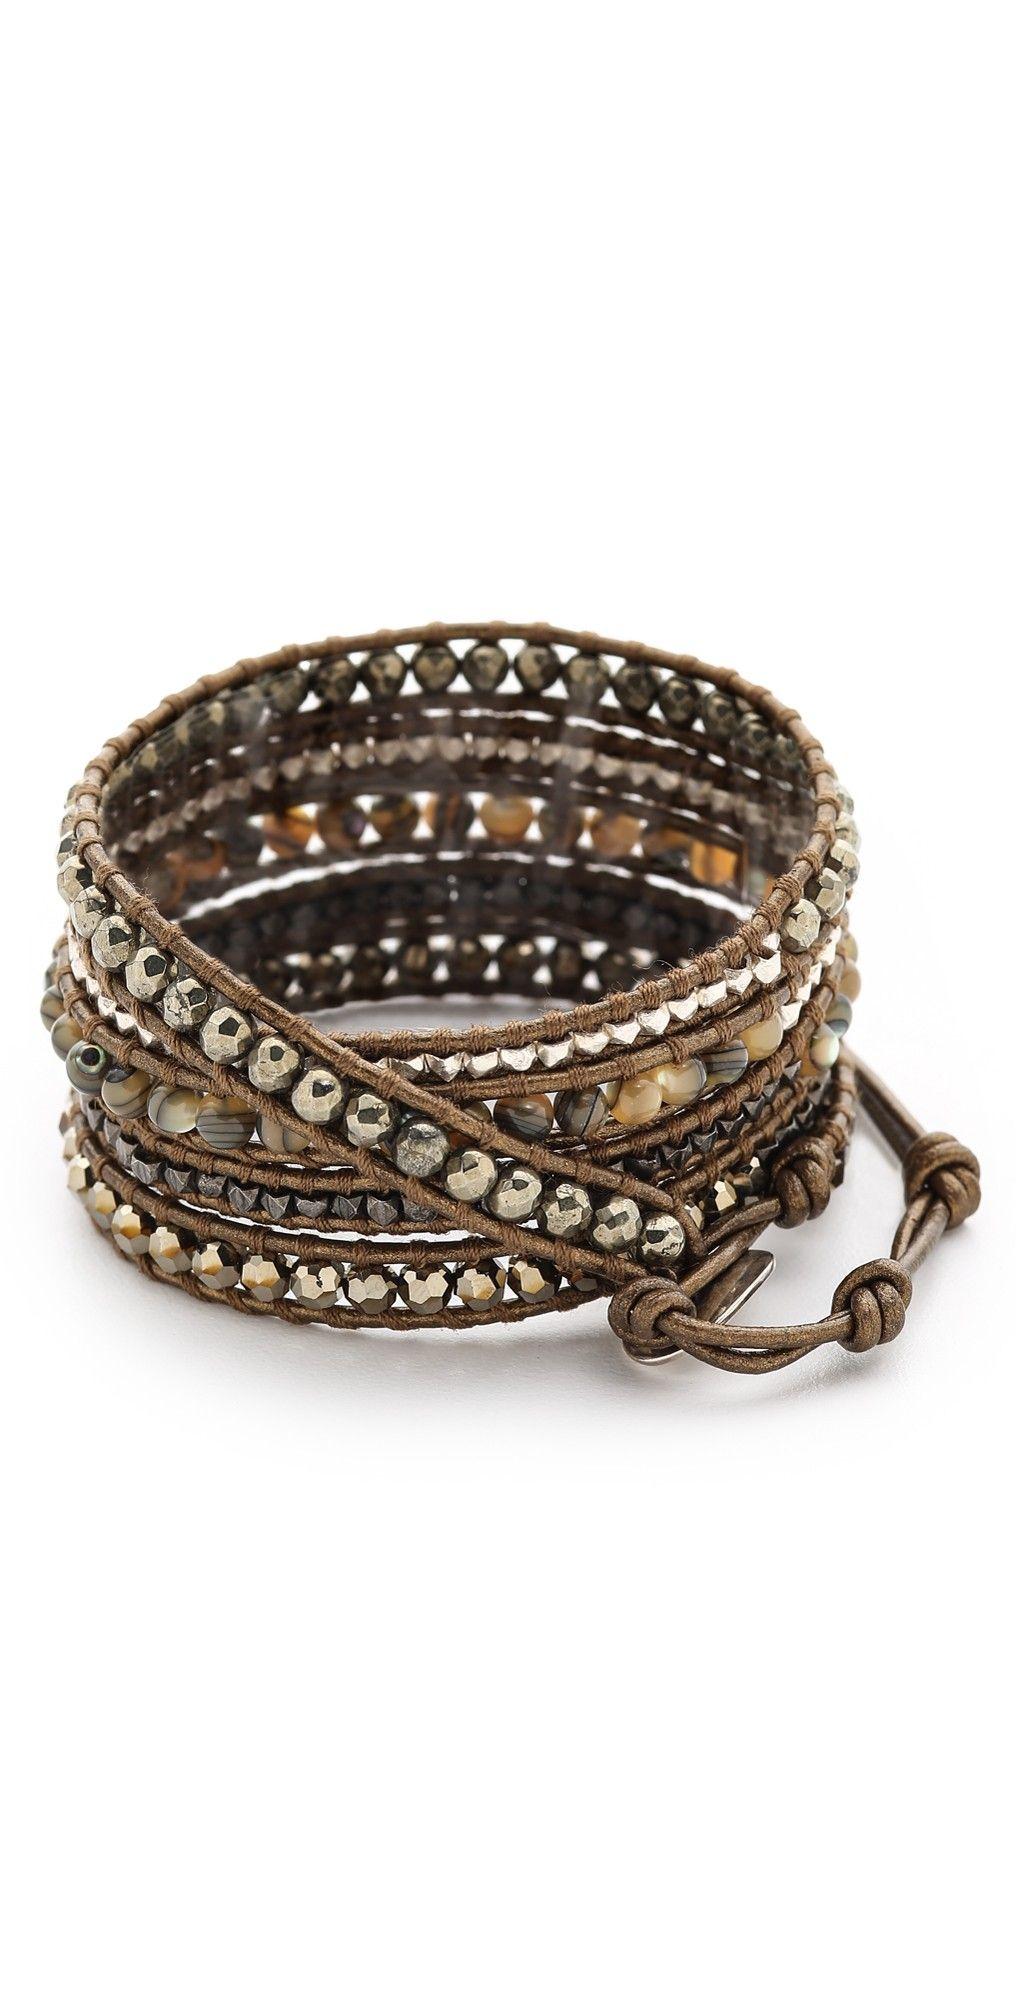 Chan luu beaded wrap bracelet beaded wrap bracelets